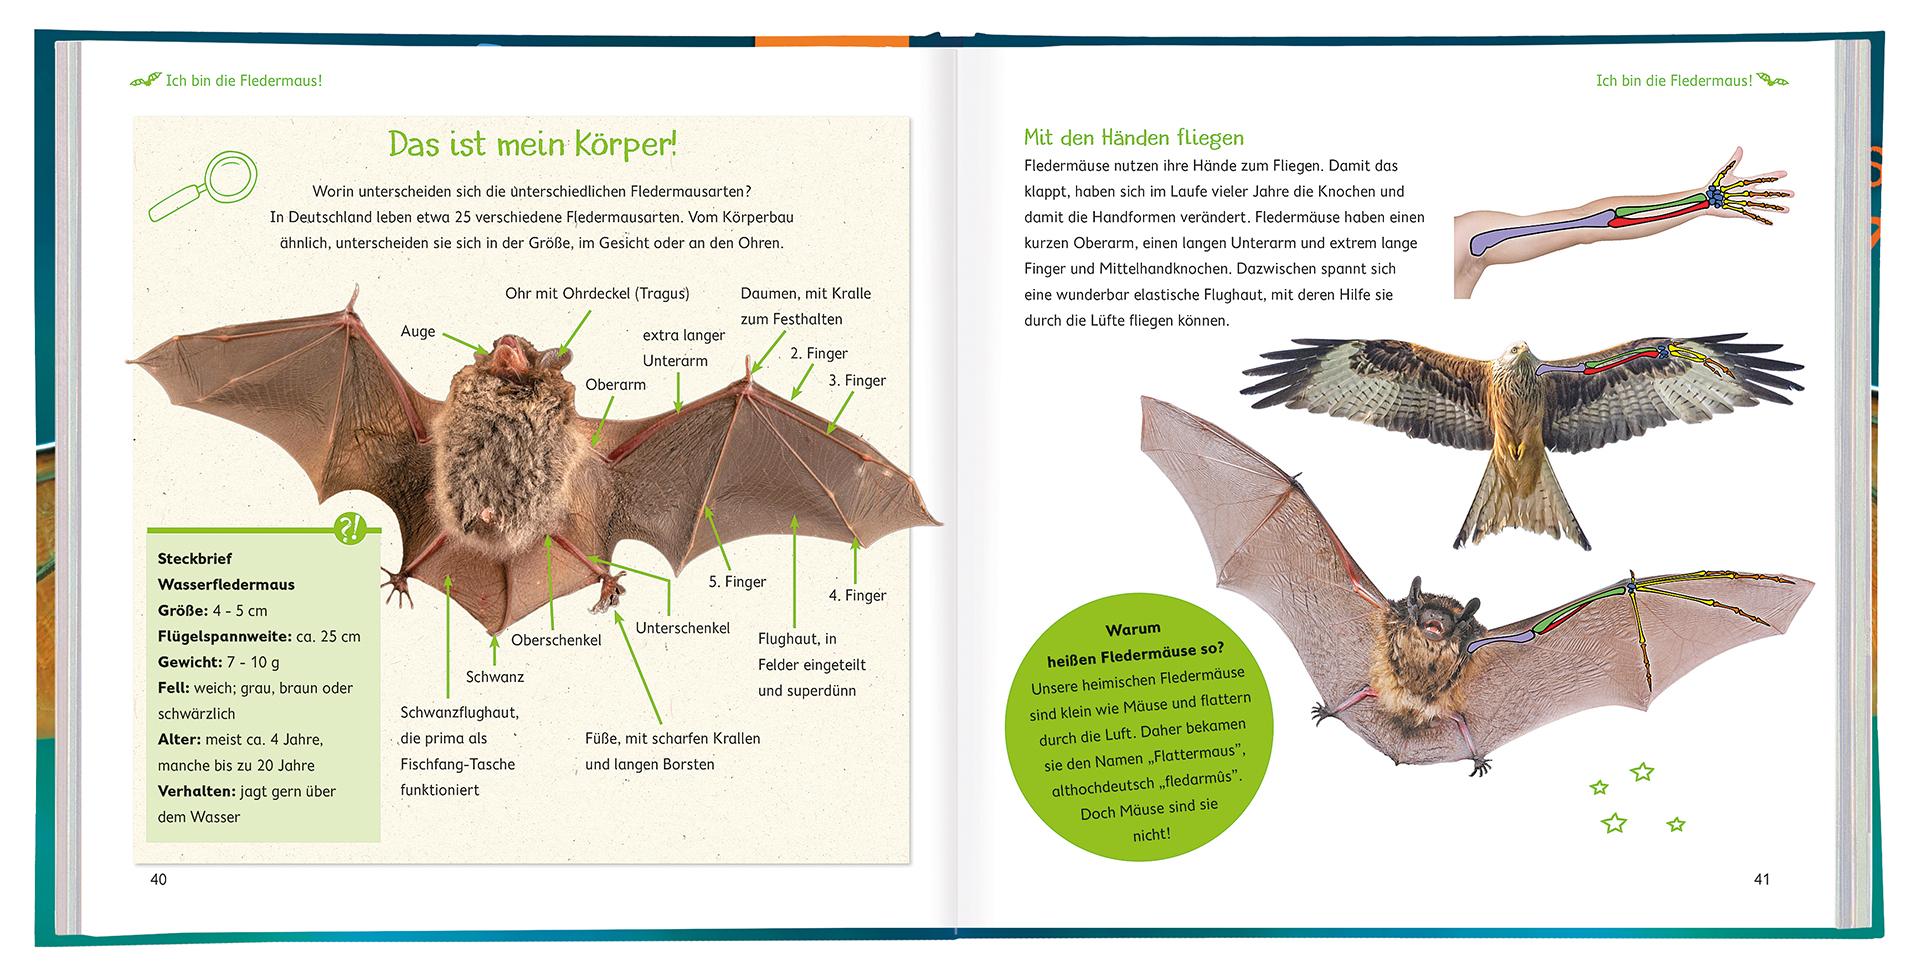 WILD! Die Fledermaus – Beispielseiten 40 und 41